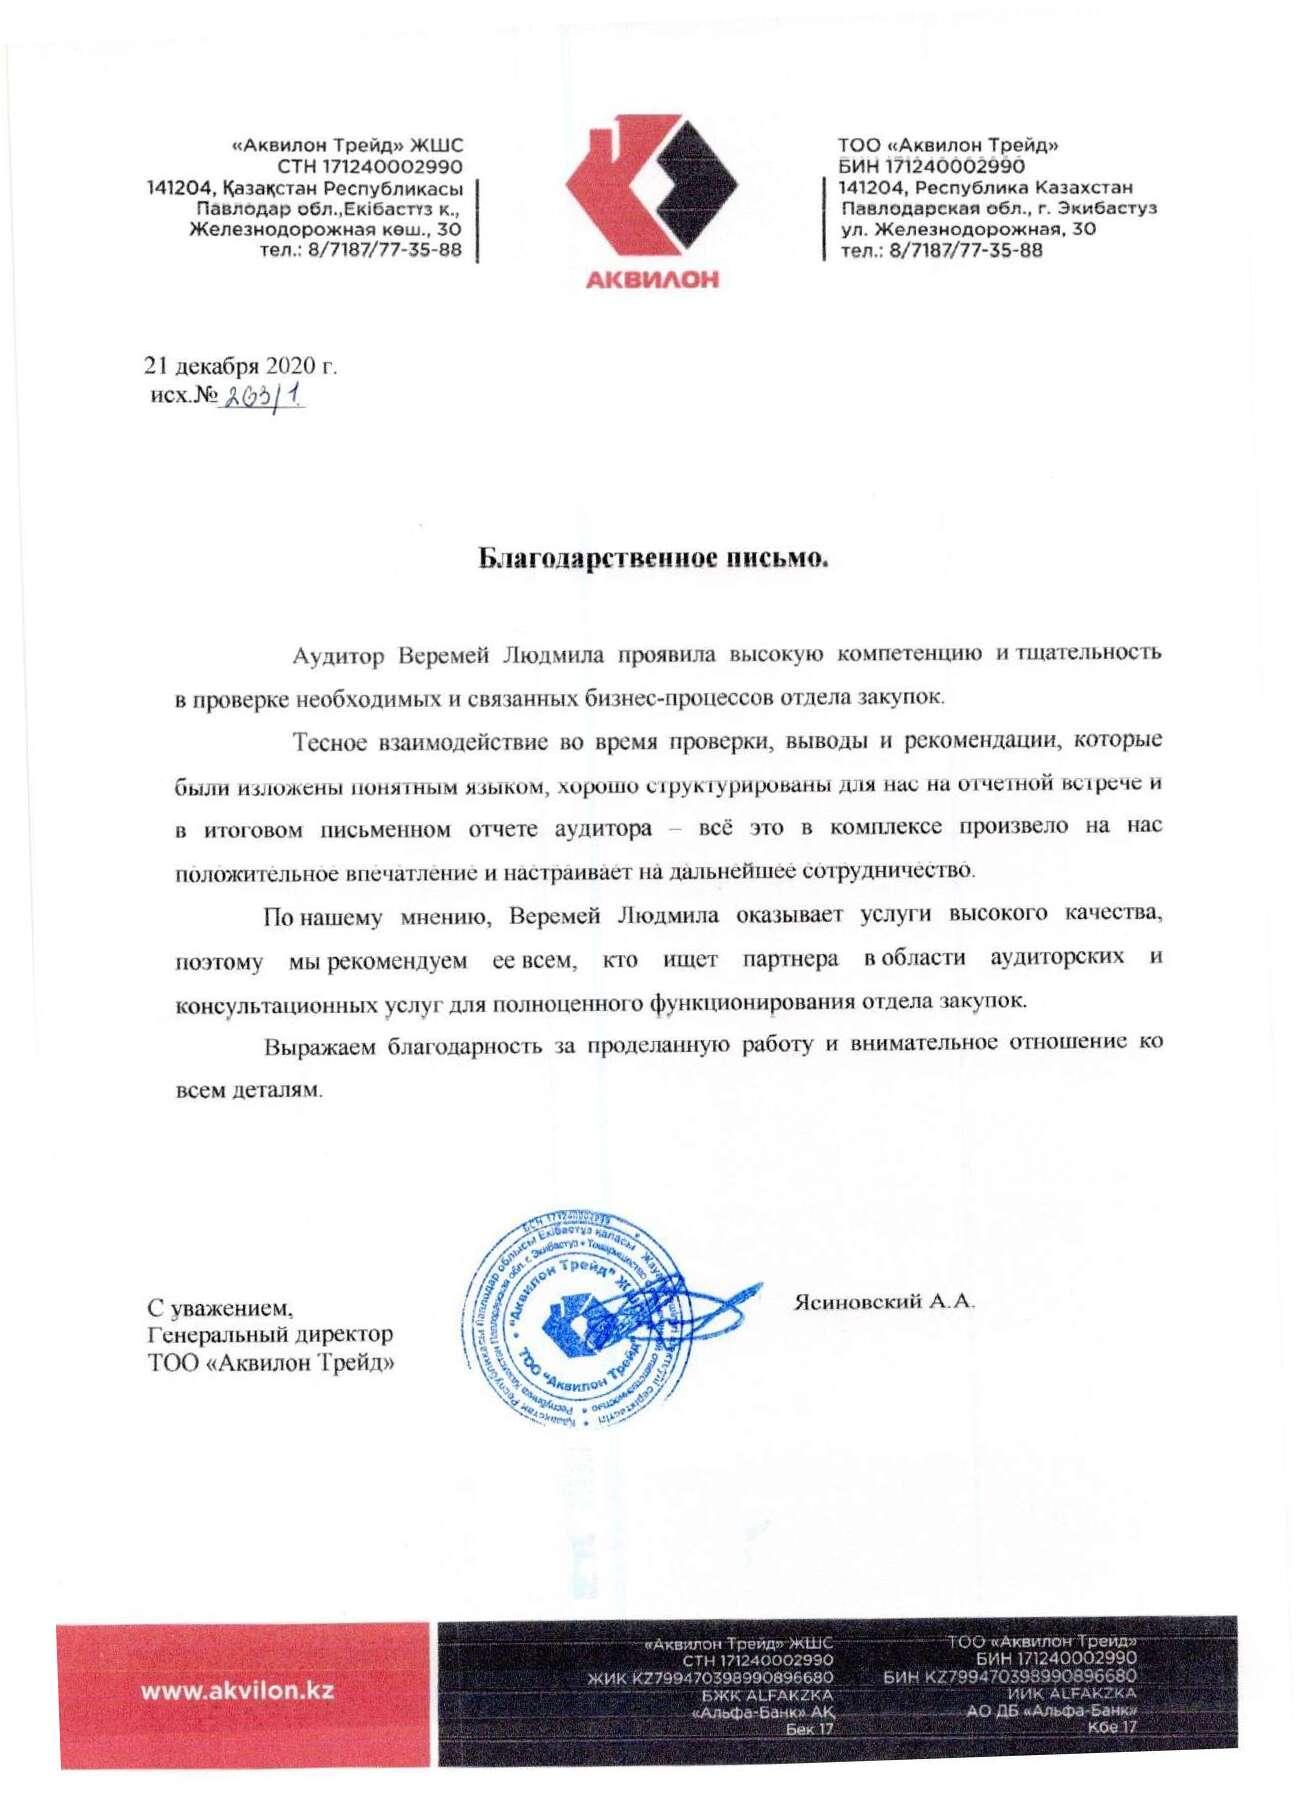 отзыв об аудите Веремей Людмилы Аквилон-Трейд Казахстан